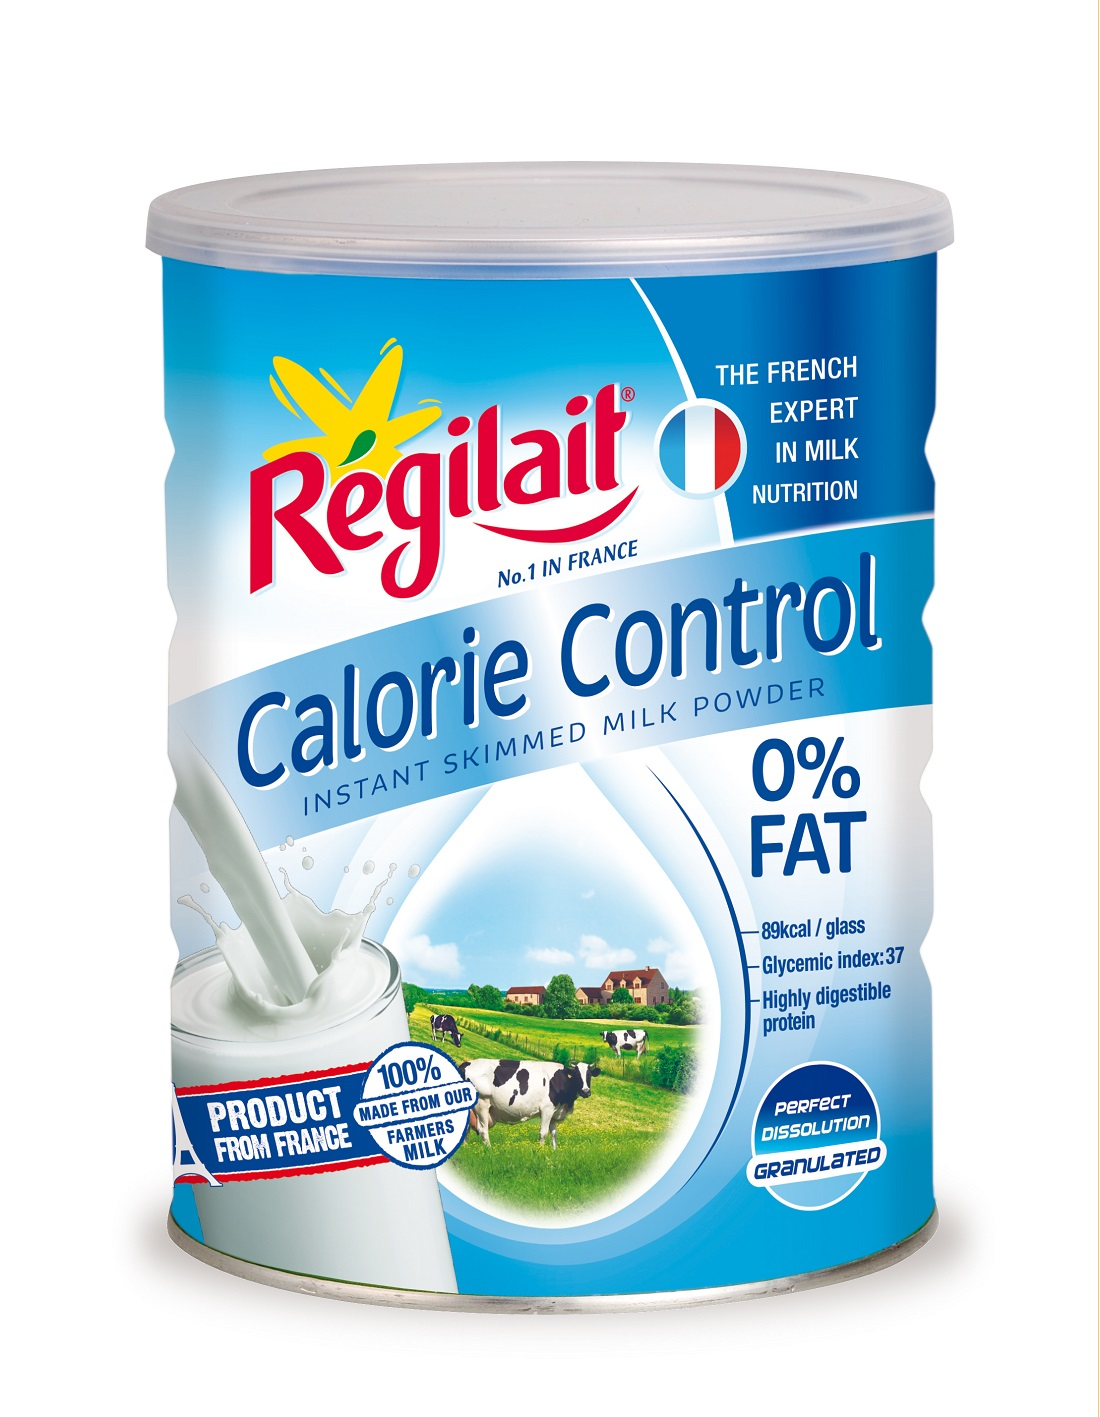 Regilait calorie control 700 Gr: kiểm soát Calorie, 0% chất béo, dùng cho người trưởng thành